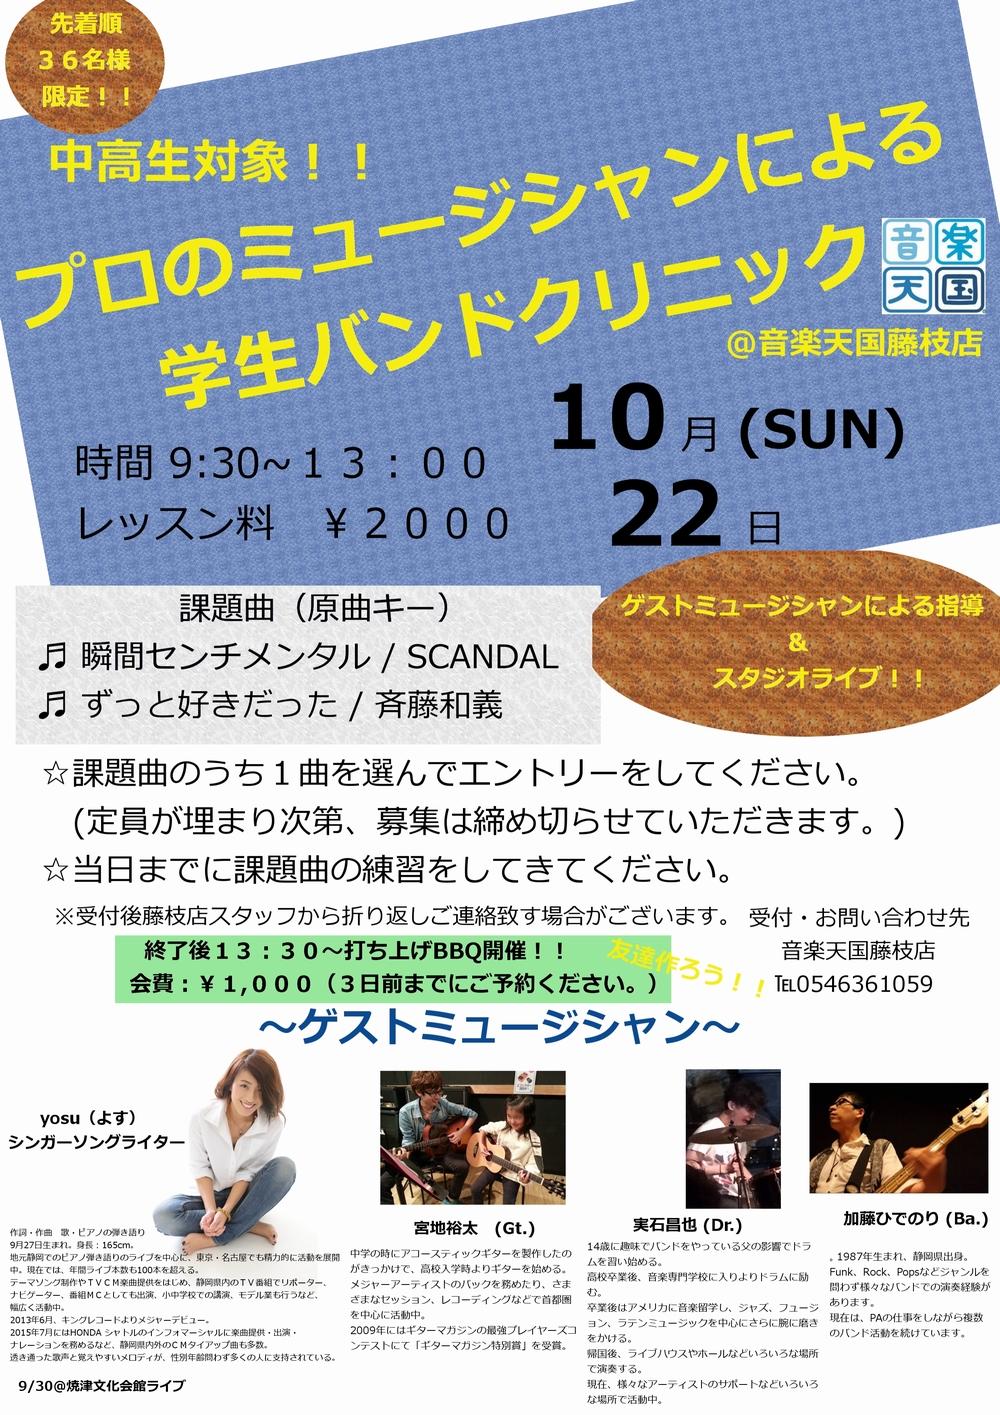 【学生バンドクリニック】音楽天国・藤枝店10月22日(日)初開催